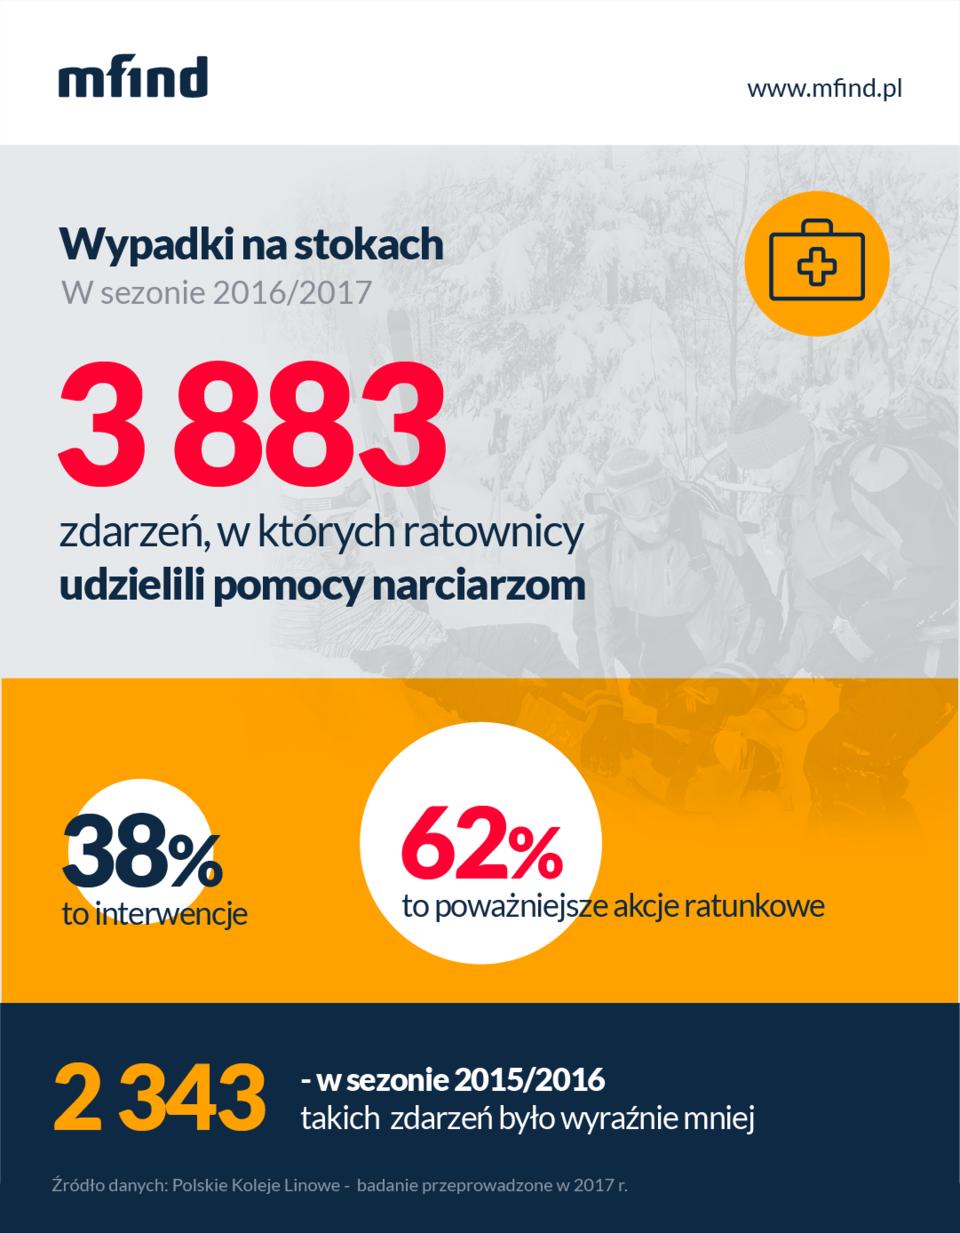 Wypadki na nartach - dane PKL, 2017 r.